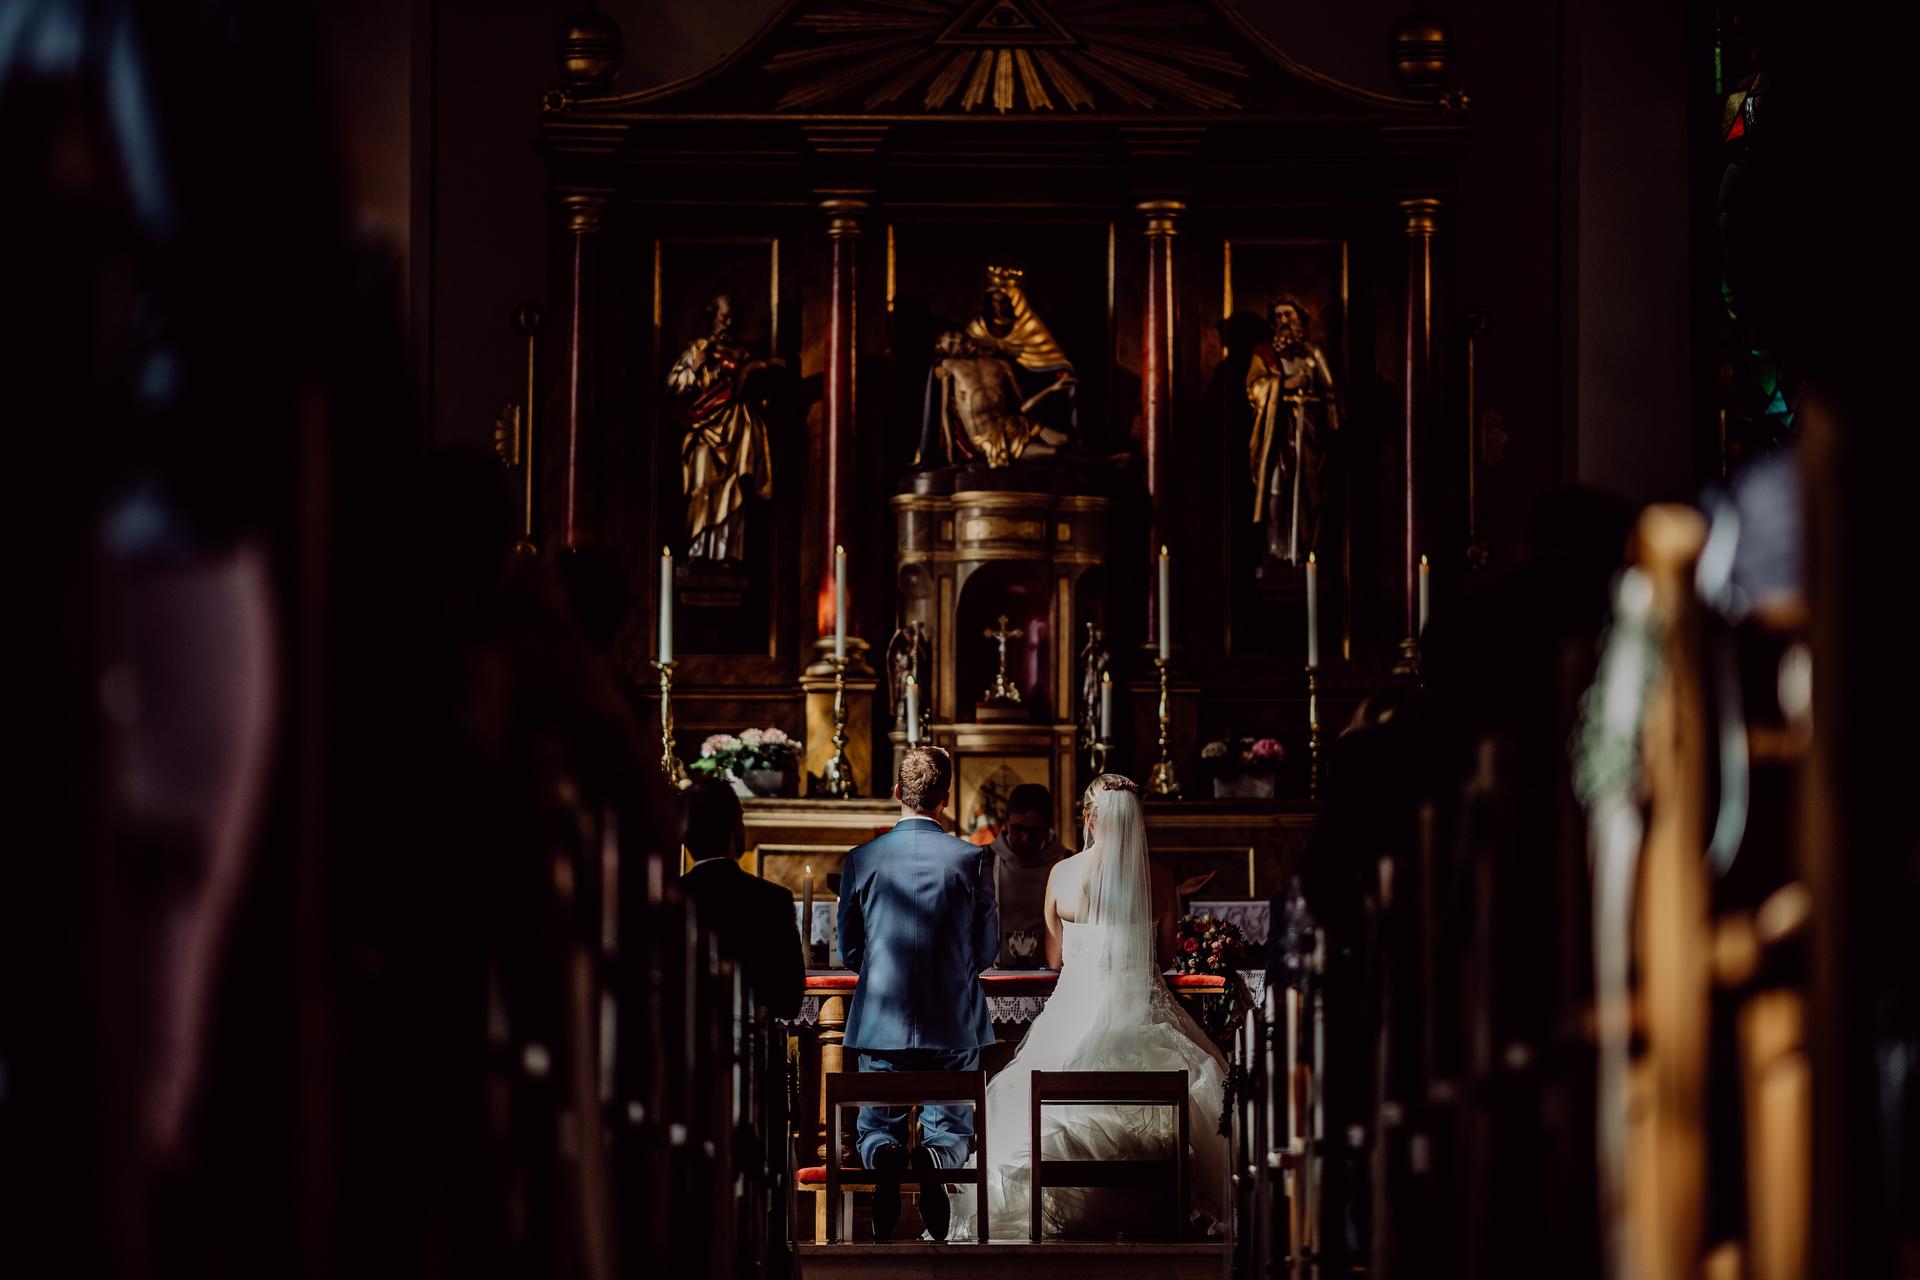 Hzt-Julia-Johannes-Kirche-08-2018-051